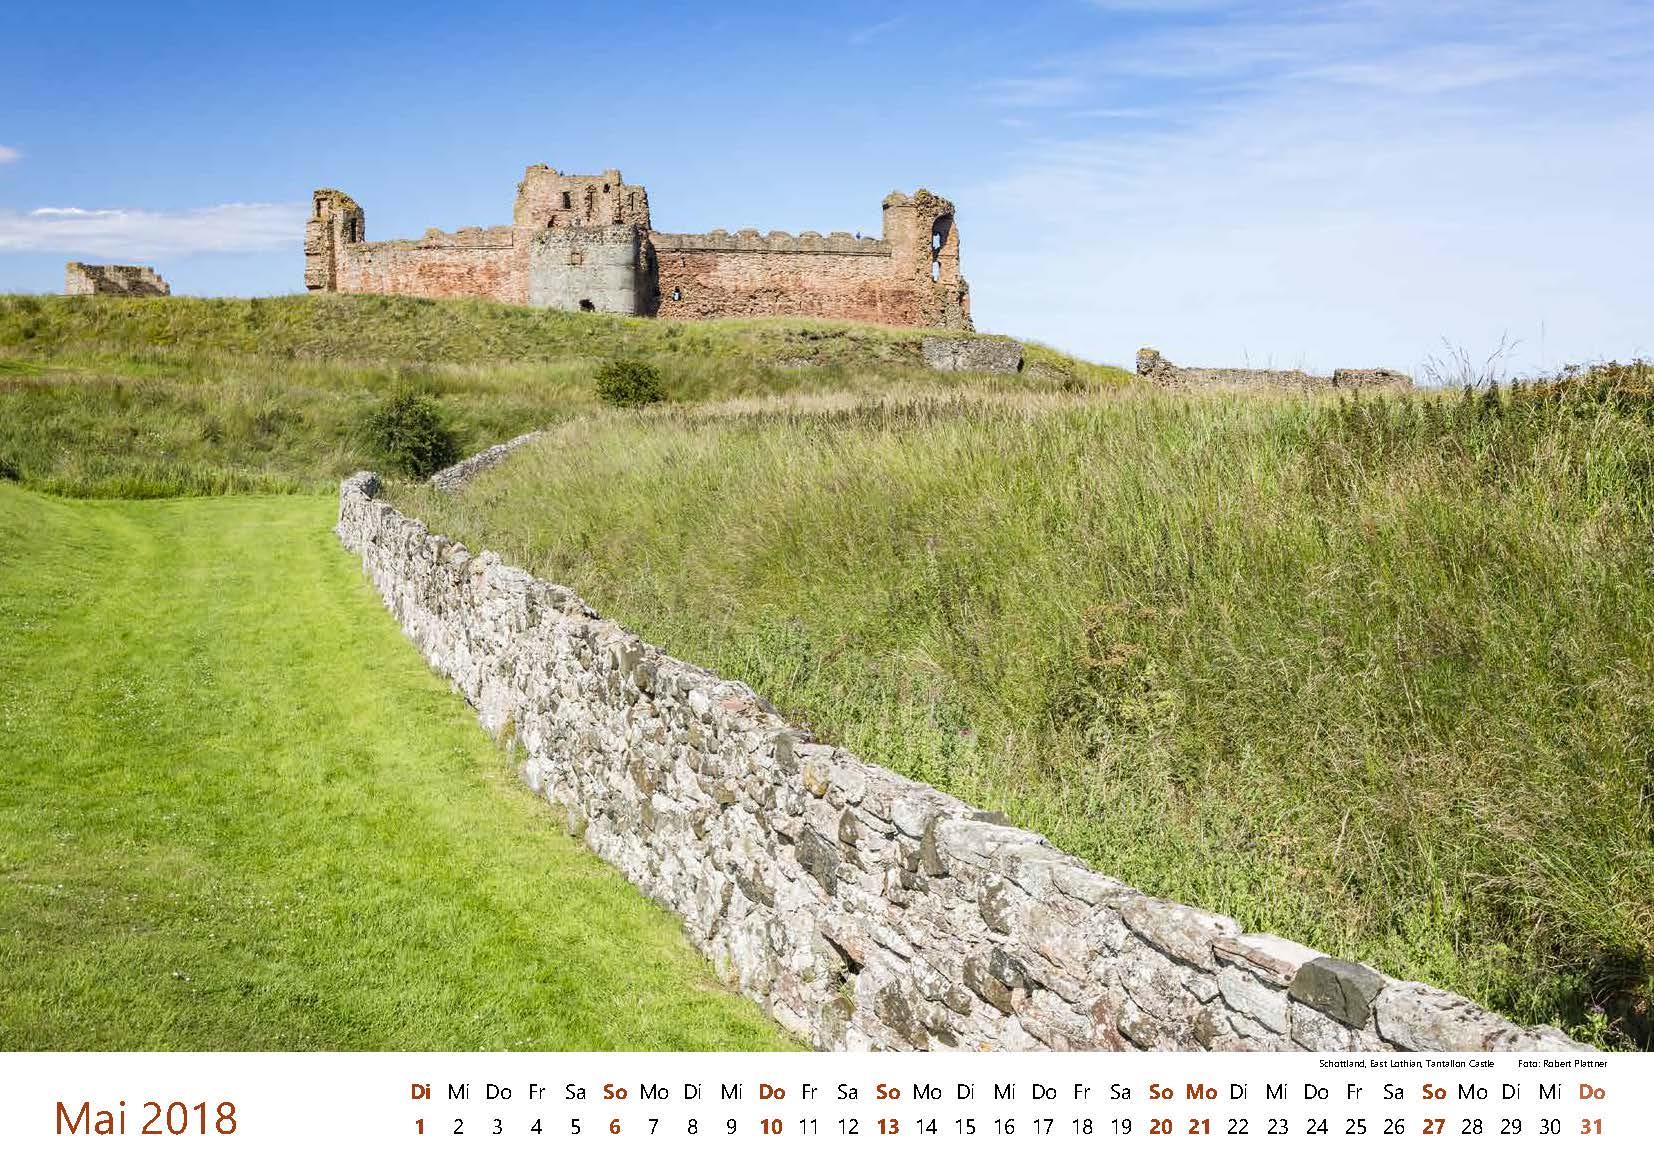 Schottland, East Lothian, Tantallon Castle